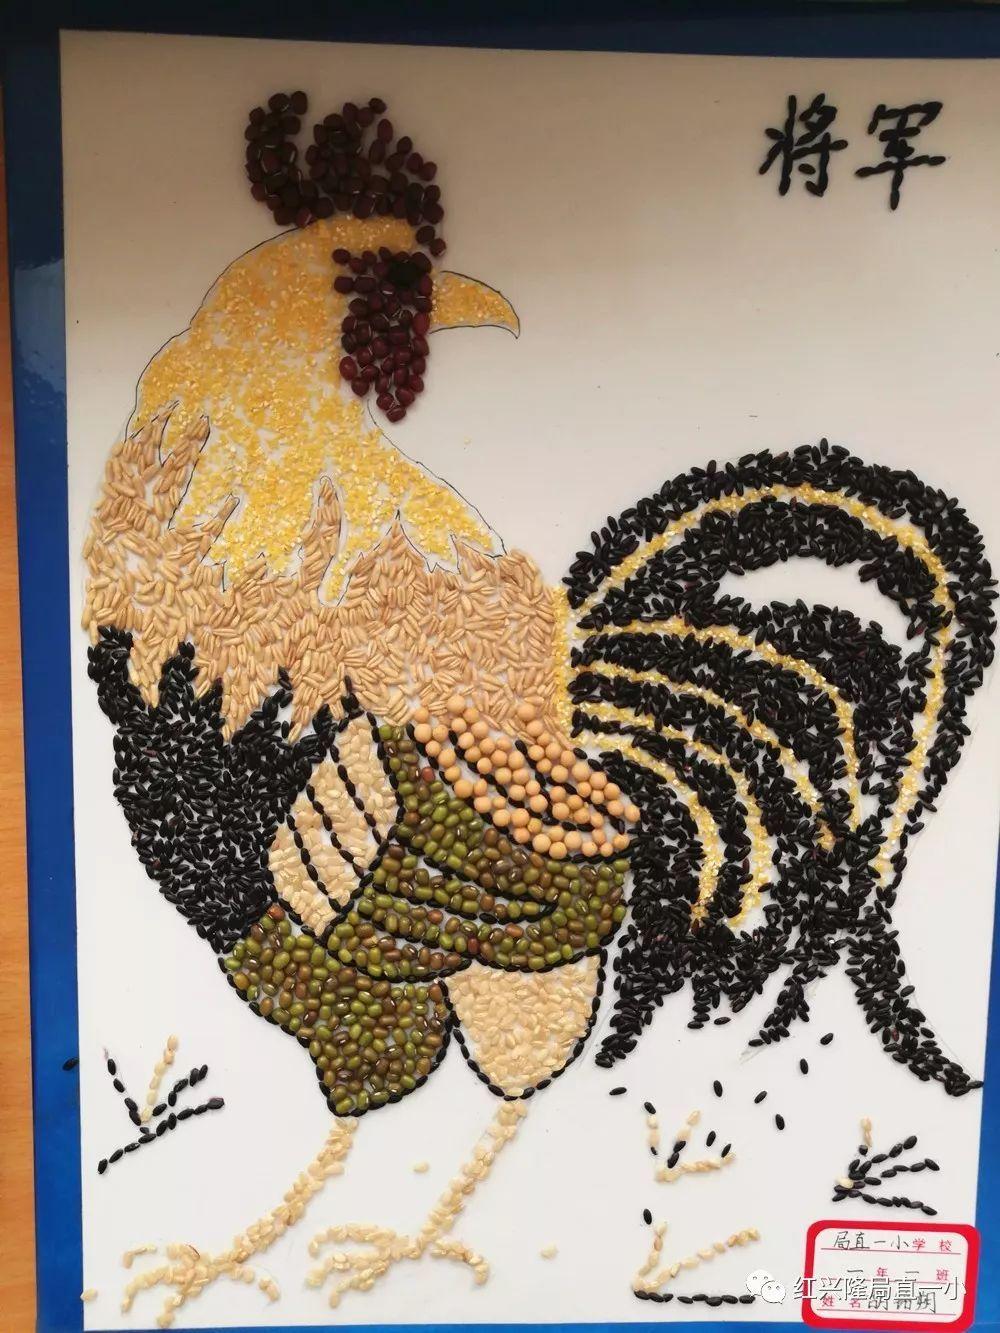 【局直一小艺术节】五谷神奇大变身,粮食美丽粘贴画 ——局直一小校园图片